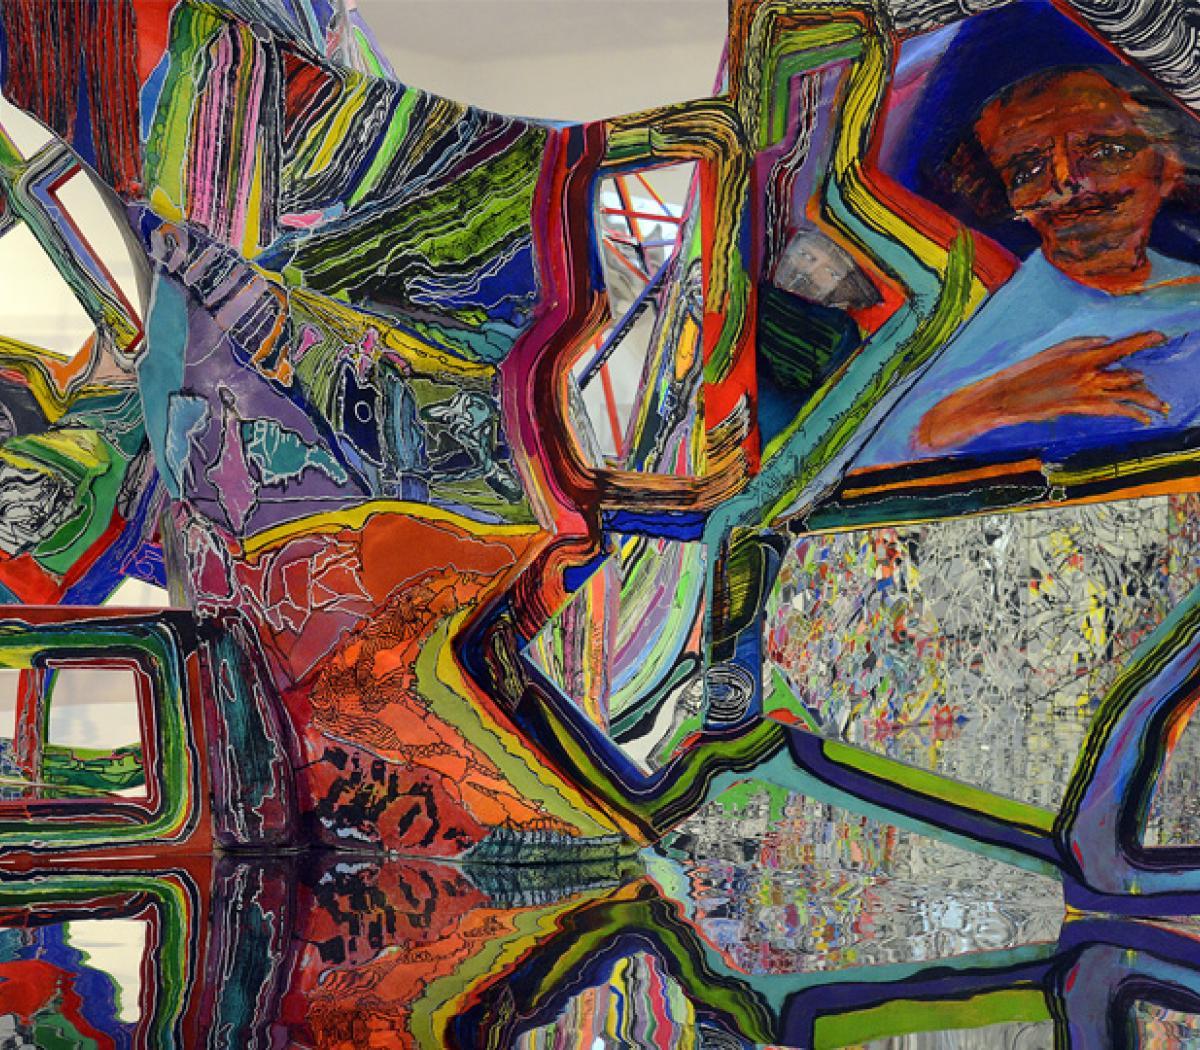 Luis Felipe Noé, todo un artista del caos | Mirada ... | Página12